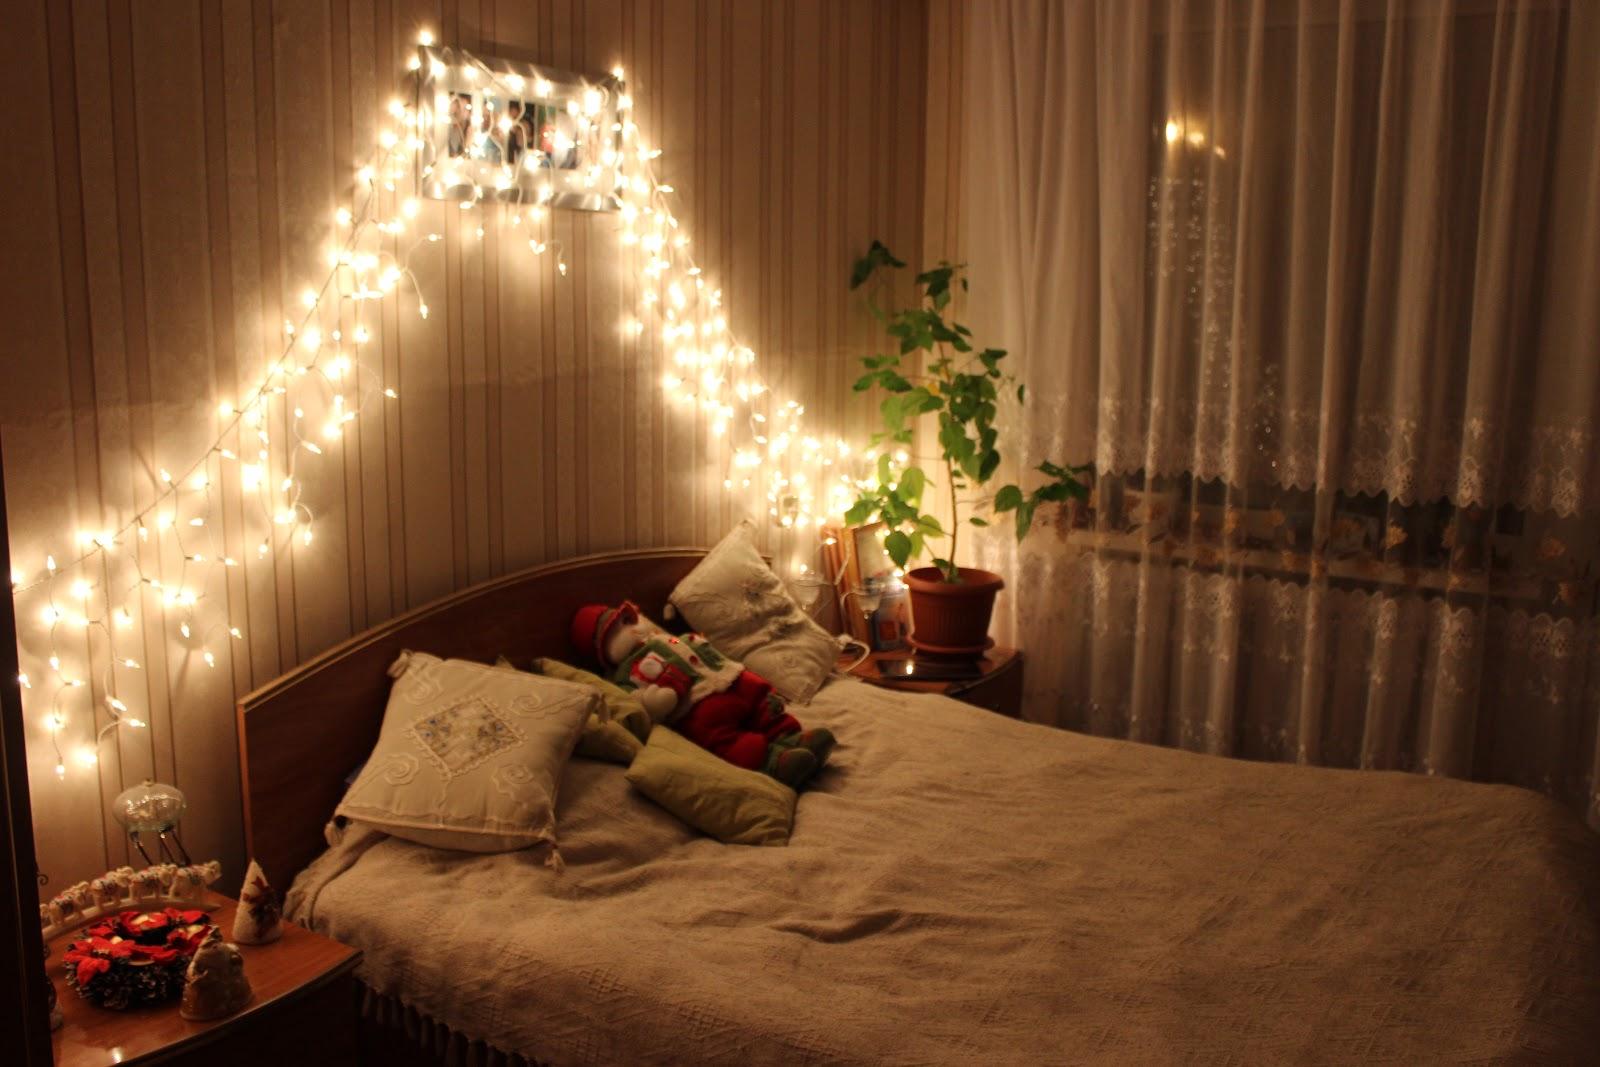 парафилия, украшать комнату свечами картинки снять деньги киви